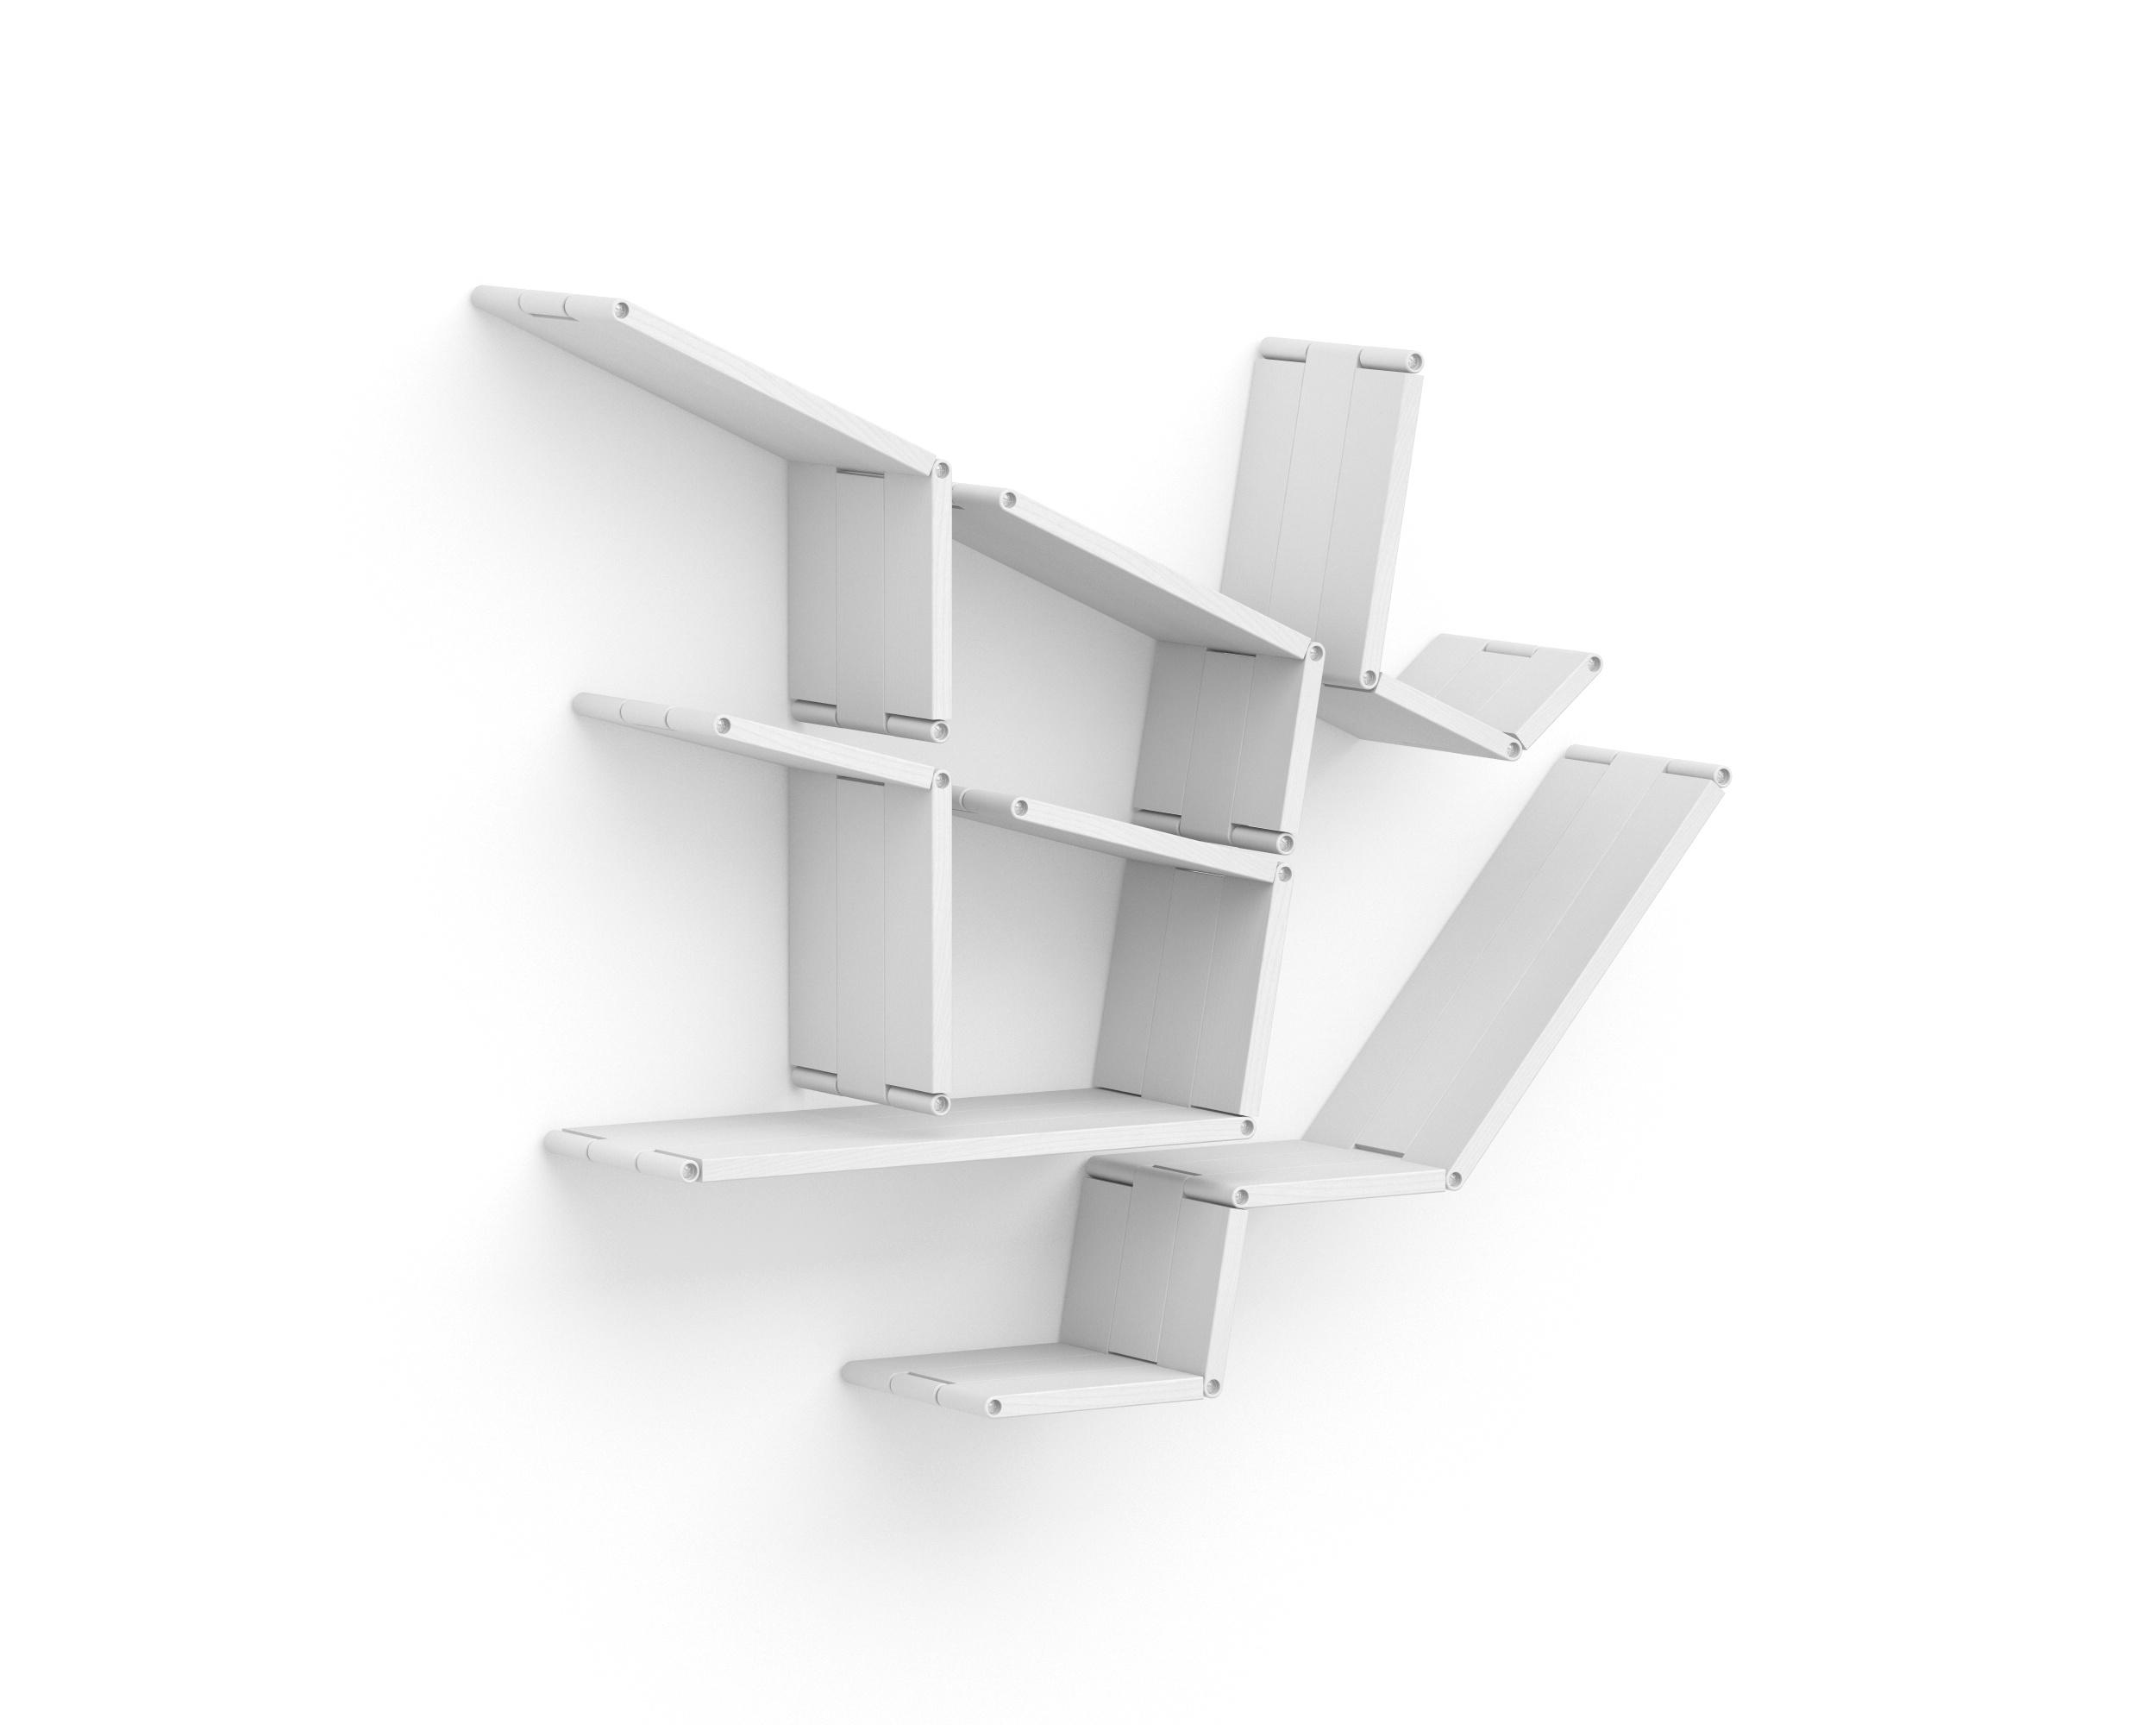 Полка-конструктор LATITUDE Flex Shelf set 168Полки<br>Творческие натуры и любители абстракции будут без ума от полки &amp;quot;Latitude Flex Shelf Set 168&amp;quot;. Этот &amp;quot;конструктор для взрослых&amp;quot; позволит им не только проявить фантазию, но у улучшить функционал каждого помещения. Собрав его по своему усмотрению, они смогут создать удобные места для хранения любых форм и пропорций. Белый цвет и лаконичный дизайн помогут новому предмету интерьера гармонично вписаться в современное оформление любой палитры.<br><br>Material: Ясень<br>Width см: 96<br>Depth см: 22<br>Height см: 89